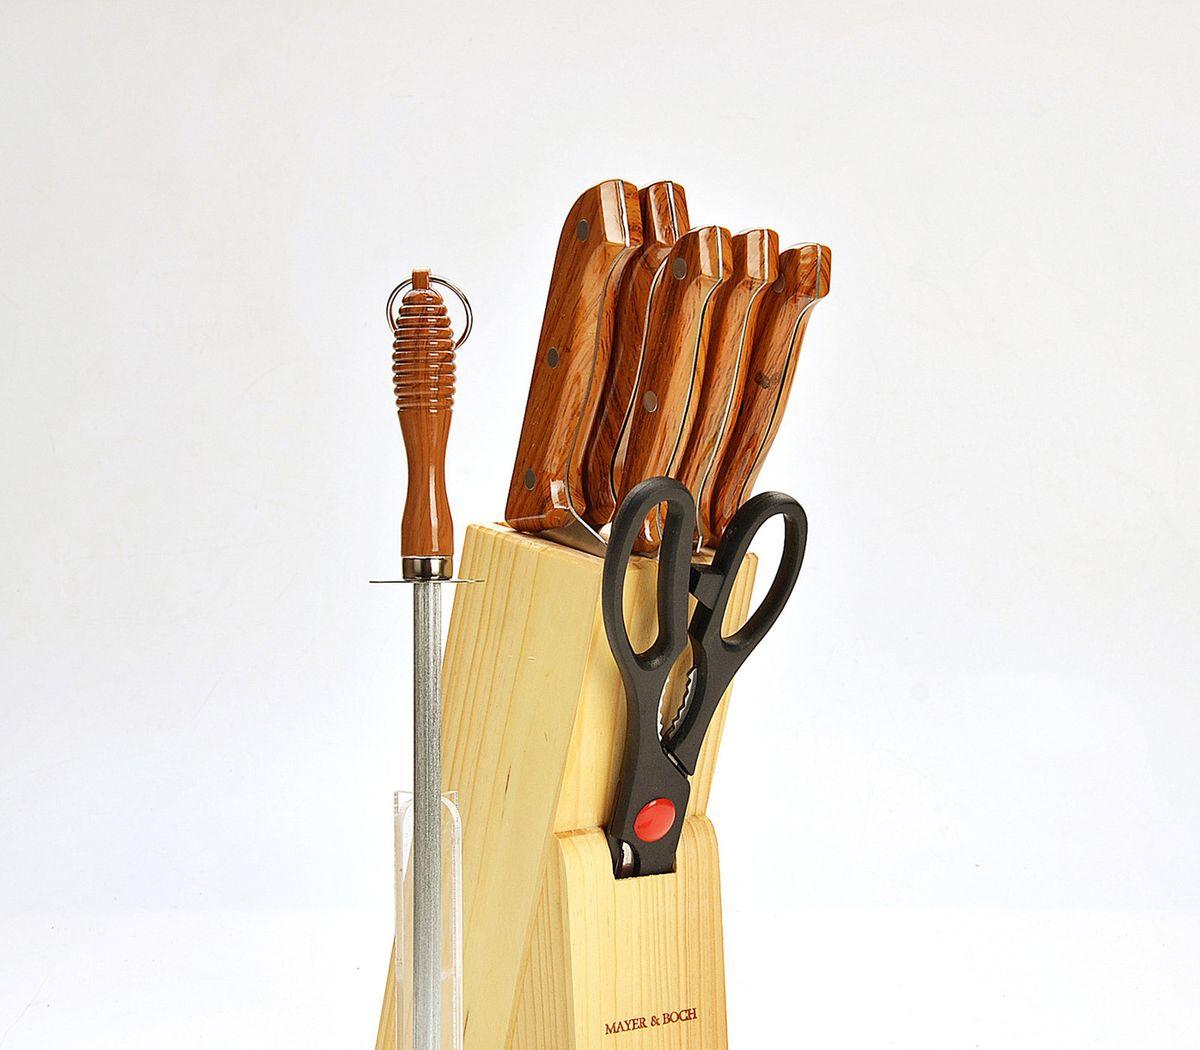 Замечательный набор ножей из высококачественной нержавеющей стали станет  для вас отличным помощником при нарезке овощей, фруктов и  мяса. Специальный дизайн ручки из пластика обеспечивает безопасную работу и  комфортное положение в руке. Подставка для ножей из дерева, которая входит в набор, сэкономит место на  рабочем столе. В наборе 6 предметов: 5 ножей (длина лезвий 15,2 см, 17,8 см, 13,3 см, 11,4 см, 8,9  см), подставка, ножницы и точилка.